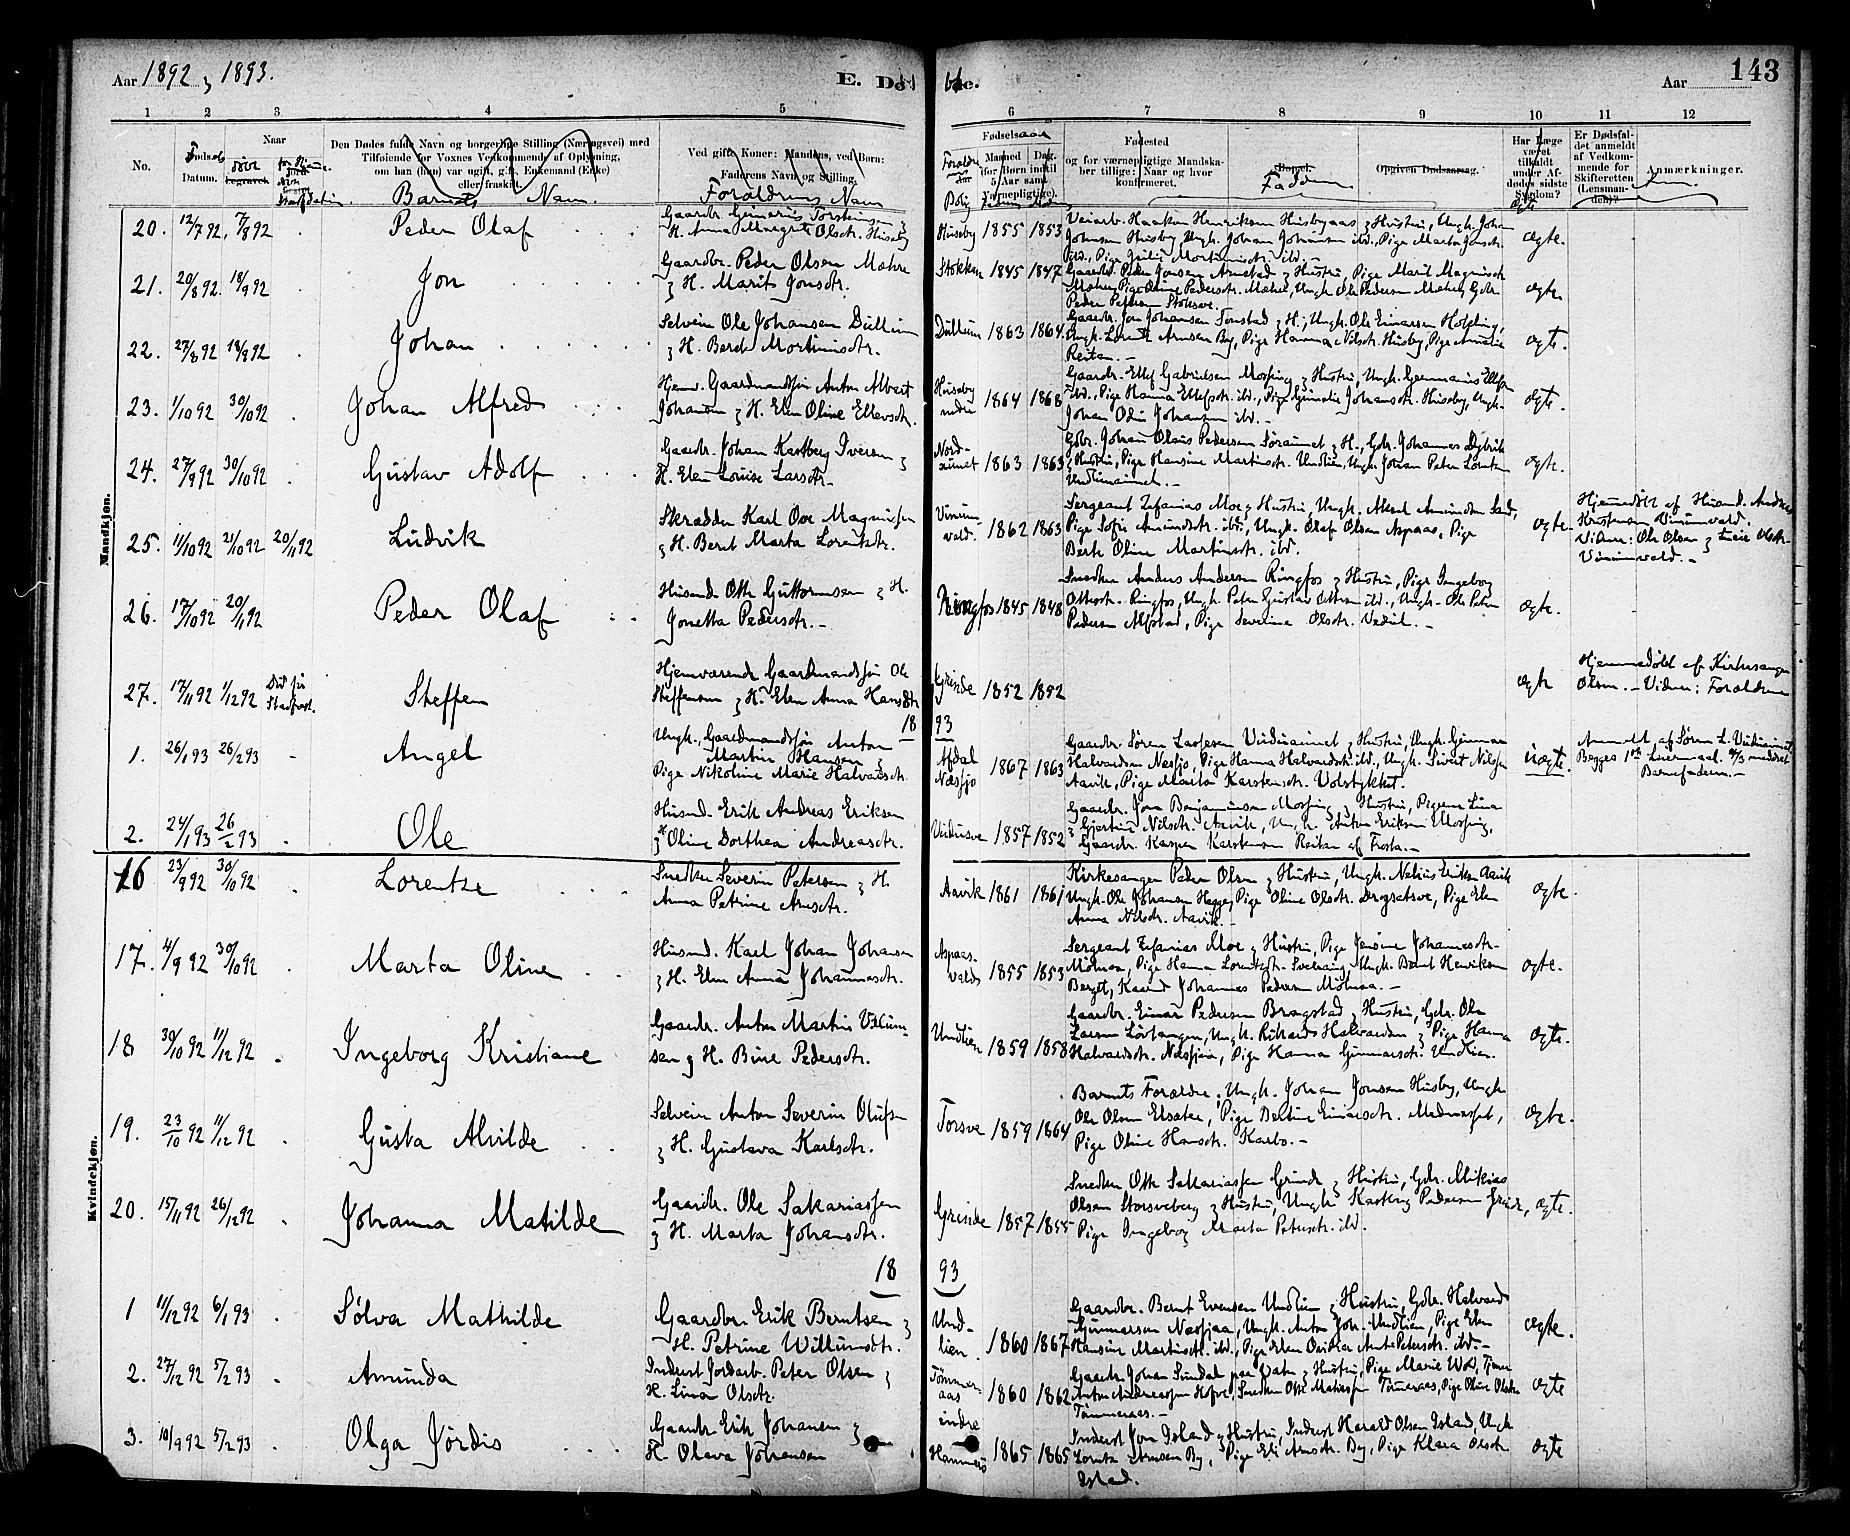 SAT, Ministerialprotokoller, klokkerbøker og fødselsregistre - Nord-Trøndelag, 714/L0130: Ministerialbok nr. 714A01, 1878-1895, s. 143